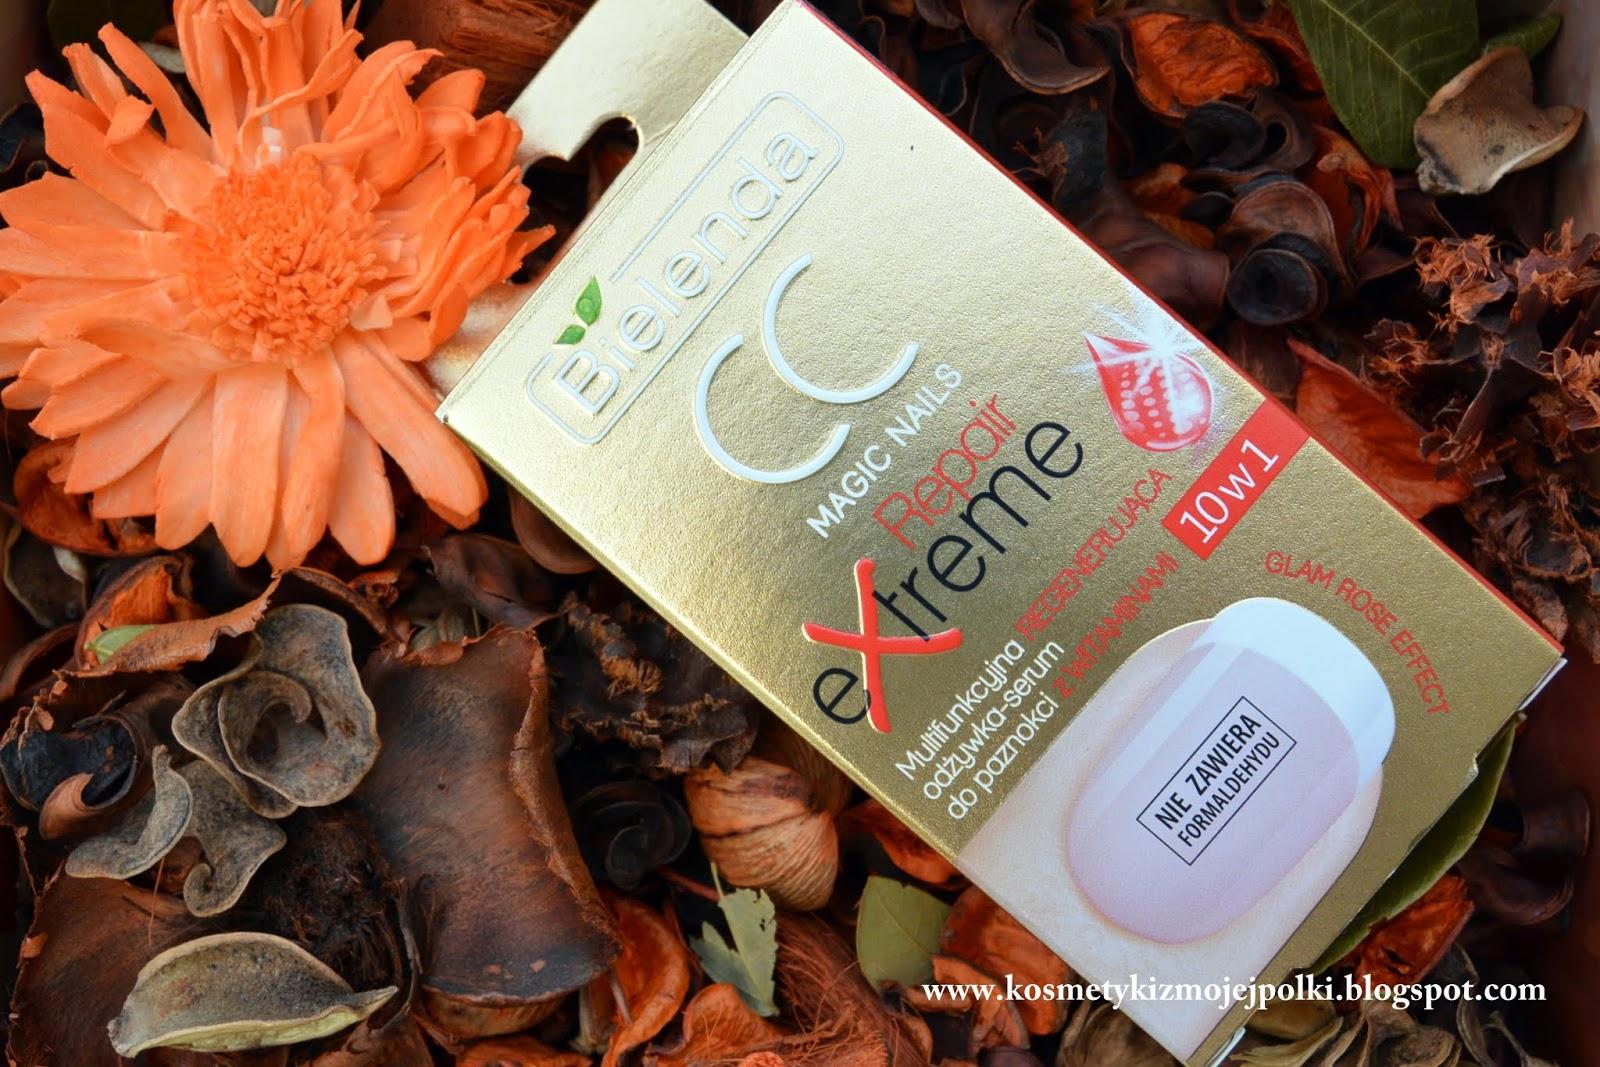 BIELENDA CC MAGIC NAILS Repair eXtreme – Multifunkcyjna regenerująca odżywka – serum do paznokci z Witaminami